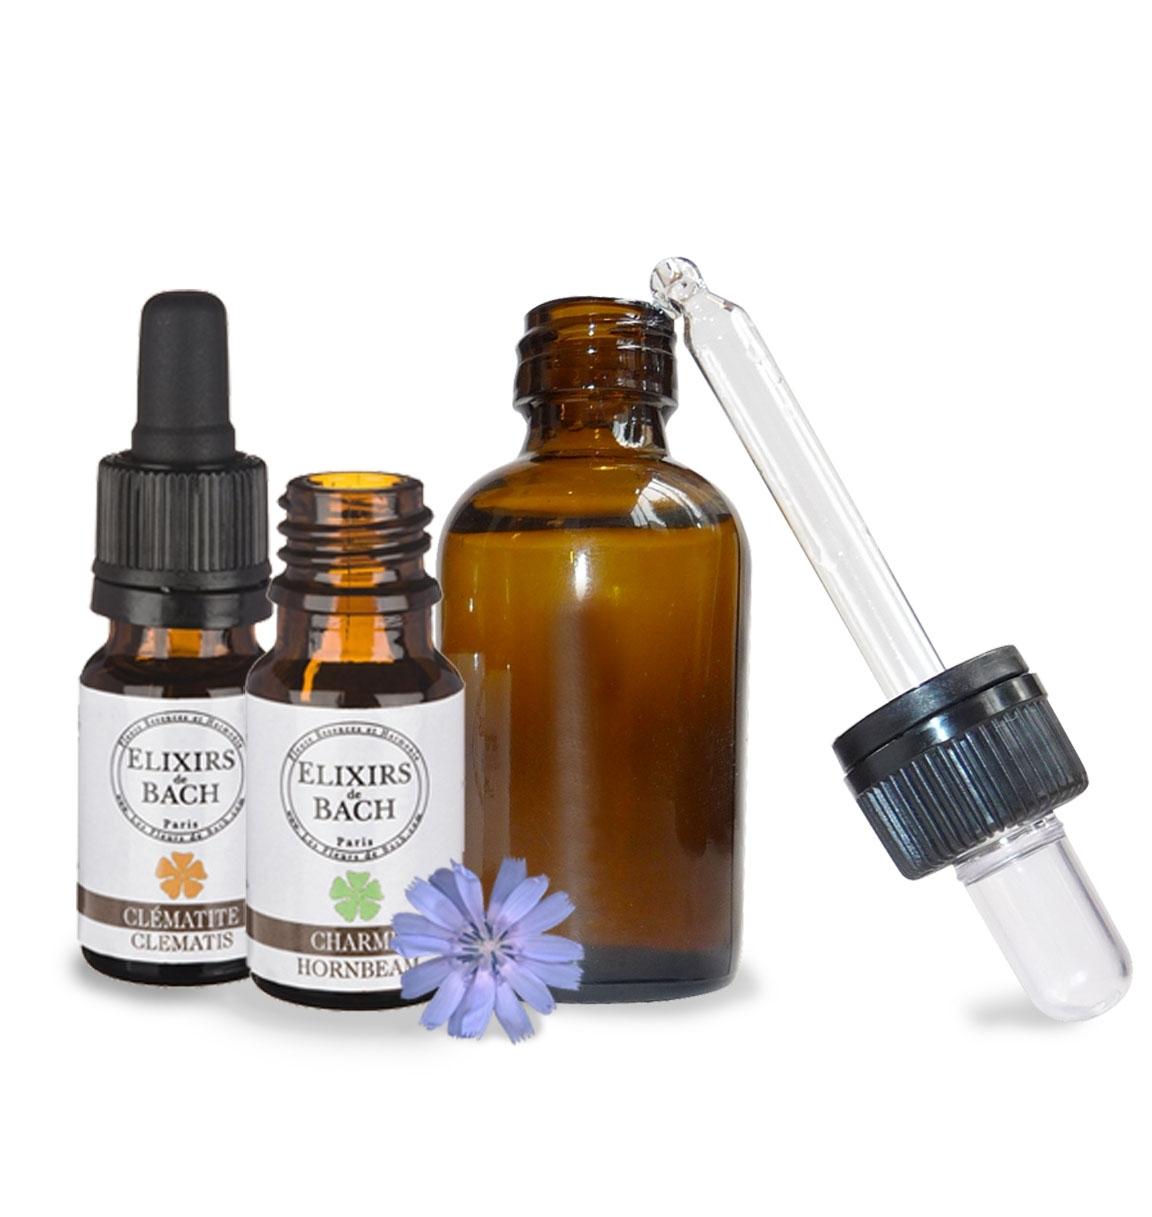 Floral Elixirs And Perfume Bach Flowers Remedies Les Fleurs De Bach